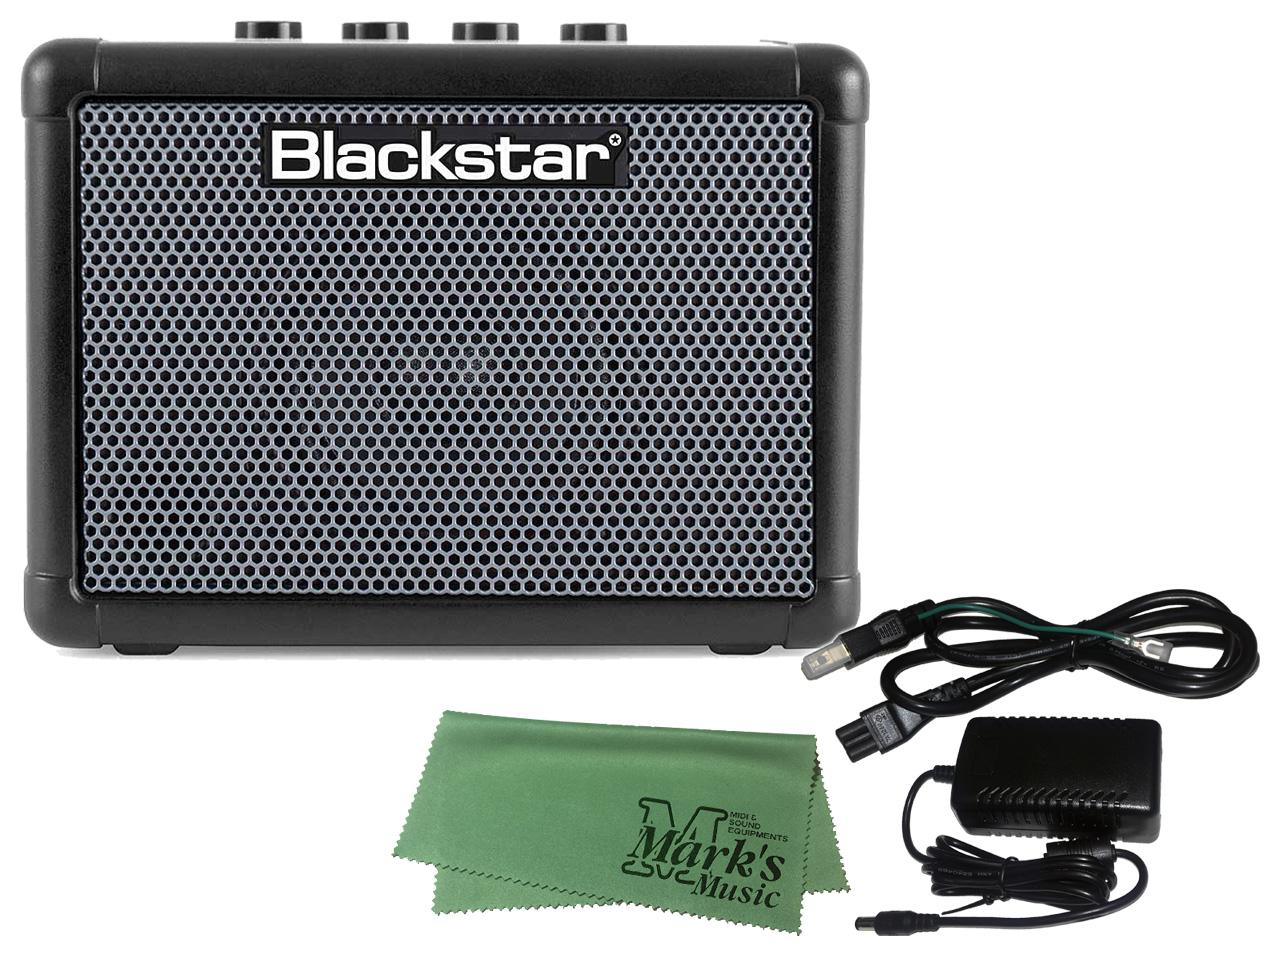 Blackstar FLY 3 BASS + 純正ACアダプター マークスミュージック オリジナルクロス 送料無料 セット FLY-PSU ランキングTOP10 定番から日本未入荷 新品